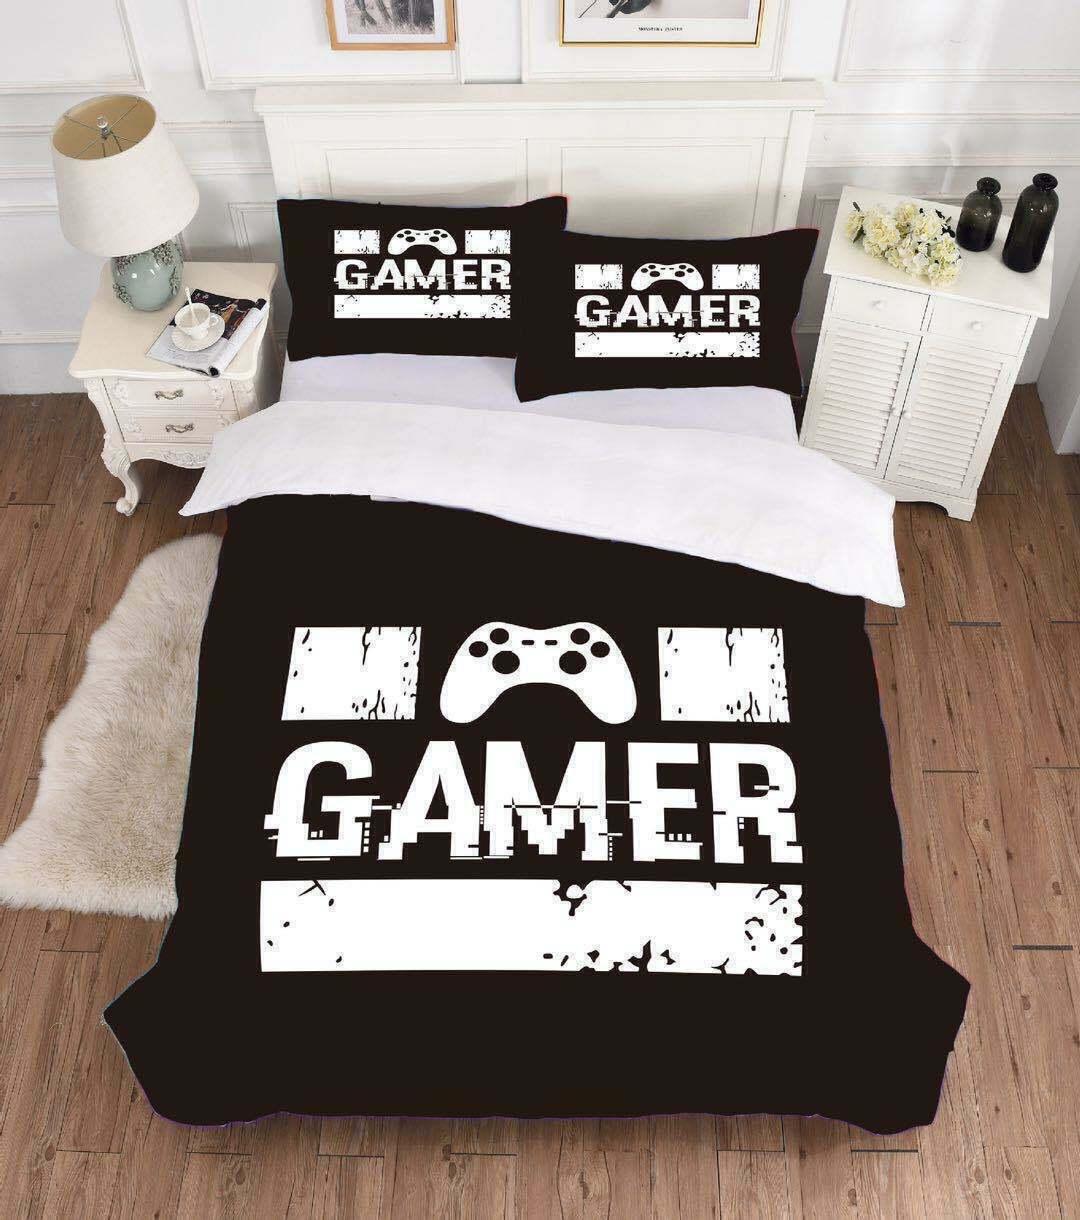 3d Gamer Duvet Quilt Cover Double Video Games Bedding Comforter Cover Pillowcase Ebay